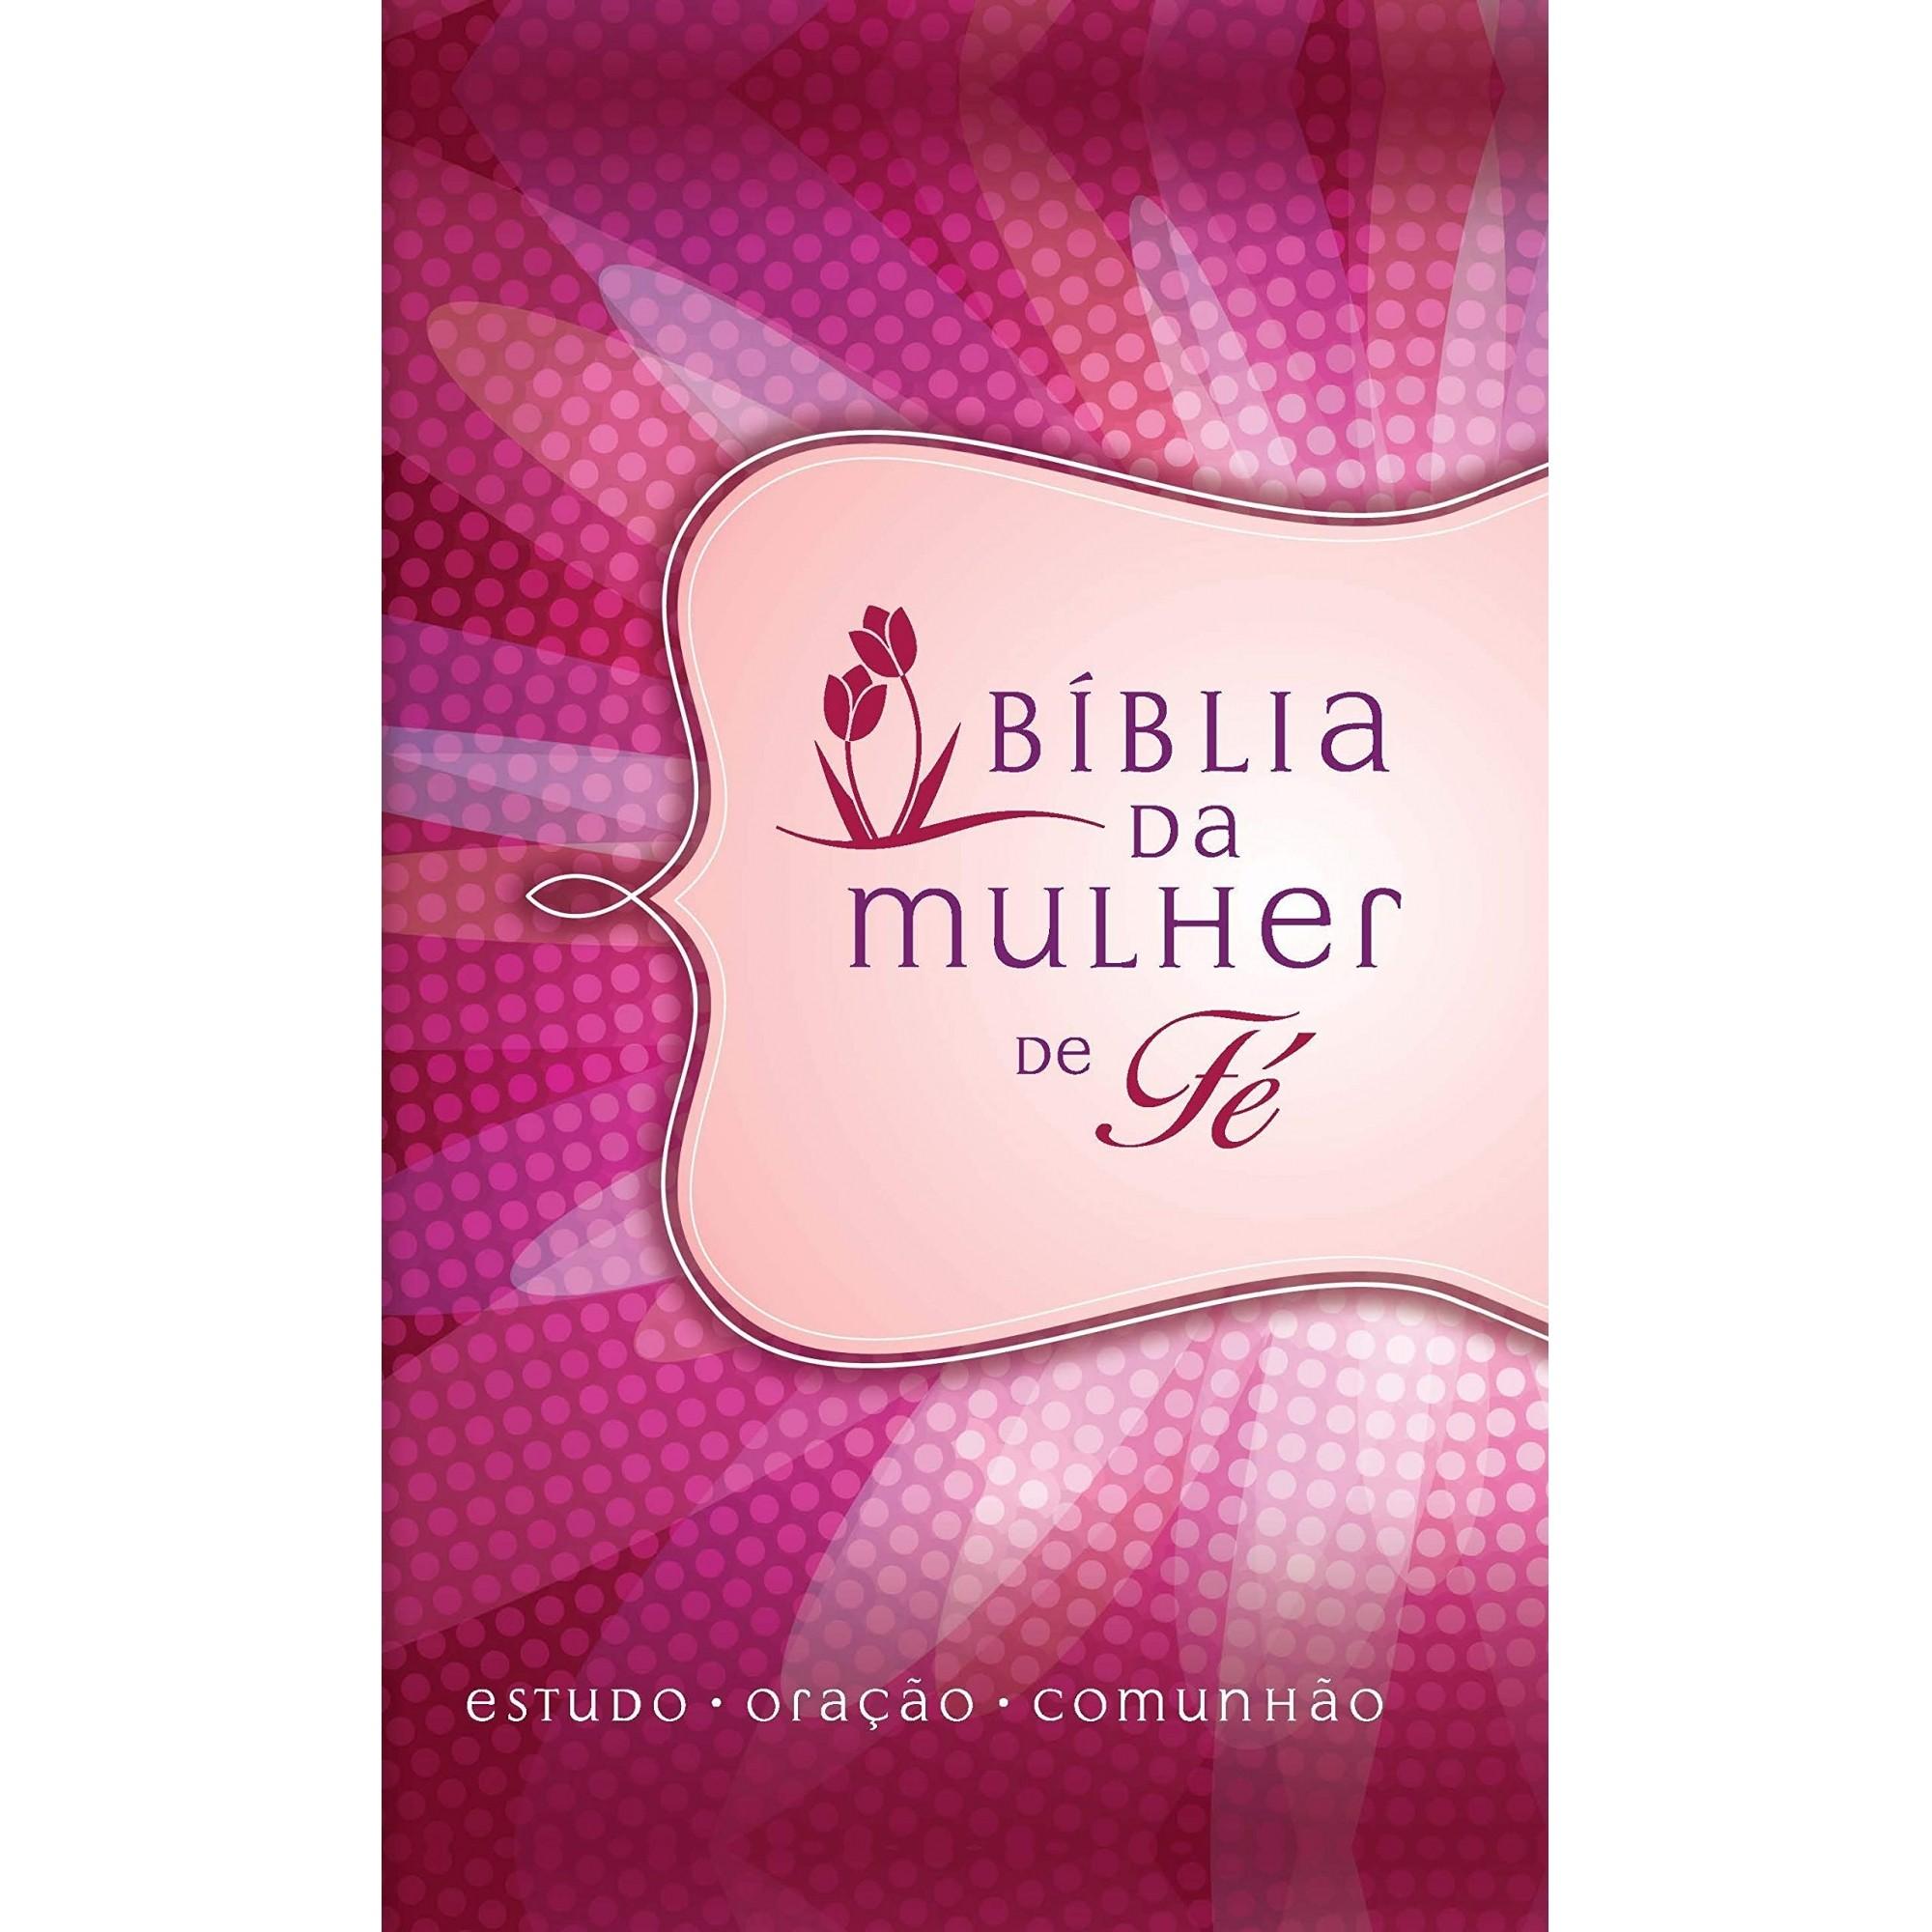 BÍBLIA DA MULHER DE FÉ, NVI, COURO SOFT, MARGARIDA